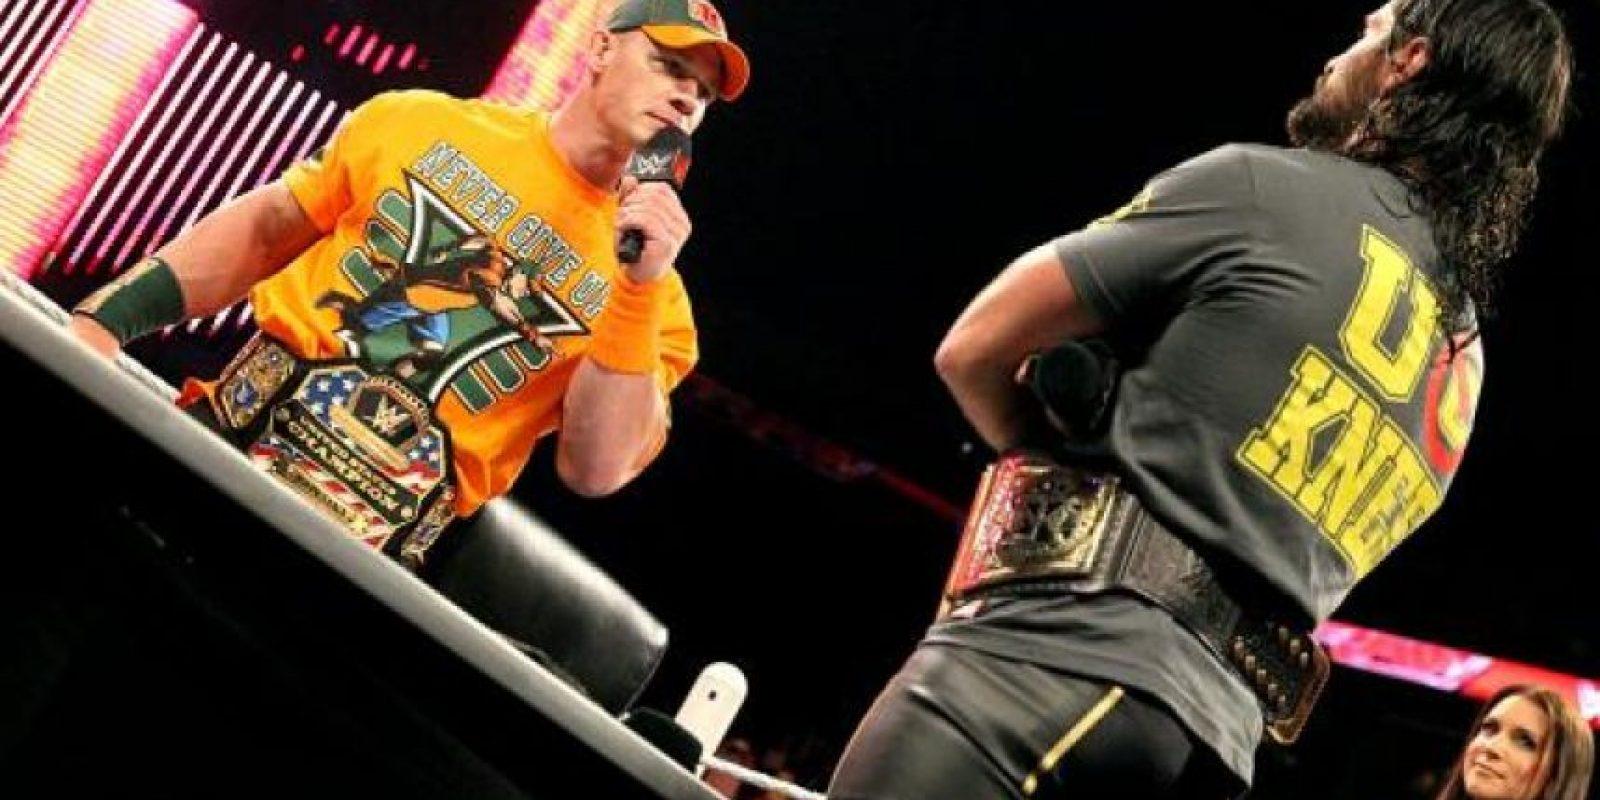 Seth Rollins, campeón Mundial de Peso Pesado, se enfrentará con John Cena, monarca de Estados Unidos Foto:WWE